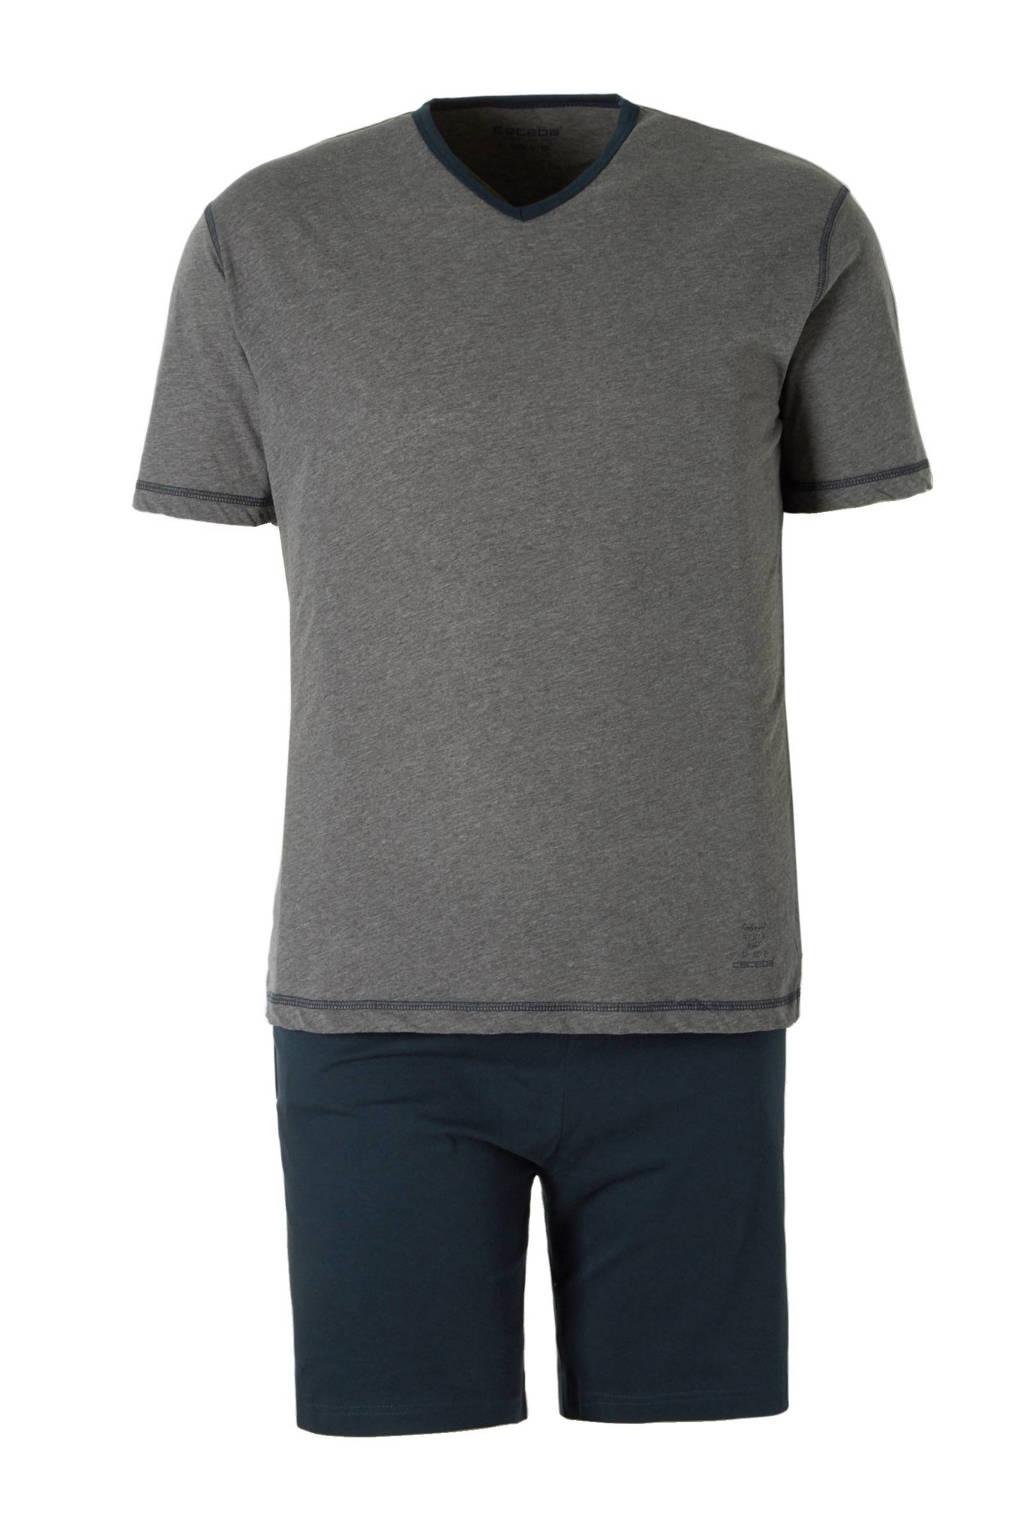 Ceceba +size shortama, Grijs/blauw